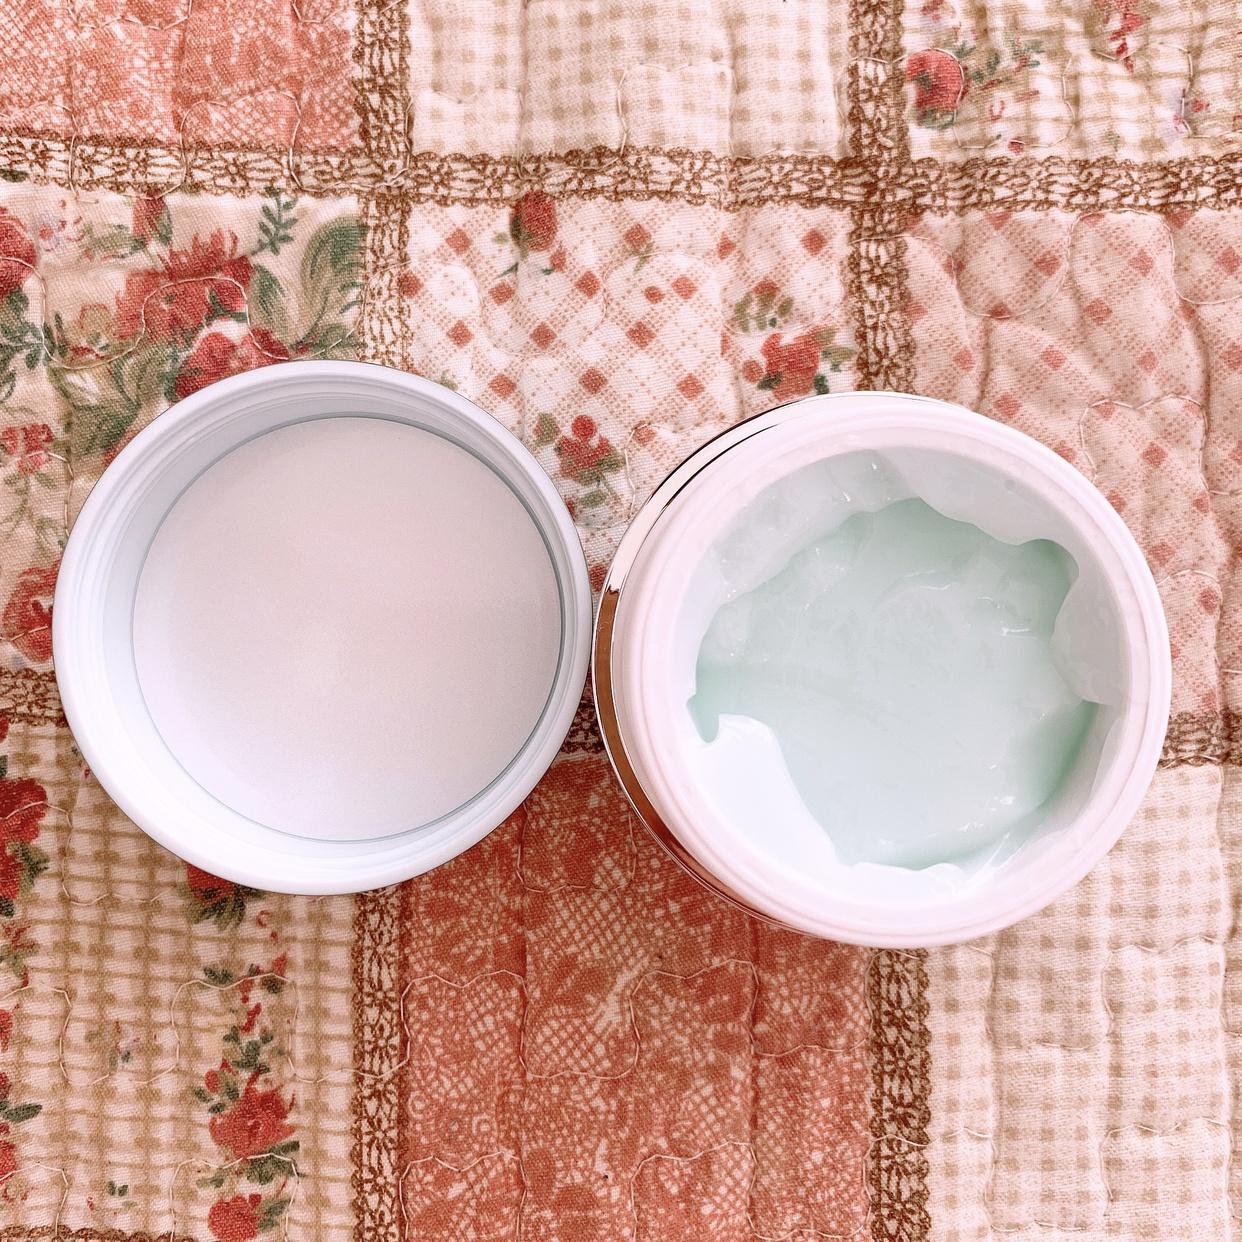 SOFINA  iP(ソフィーナ アイピー) インターリンク セラム うるおって涼やかな肌へを使ったまりたそさんのクチコミ画像2